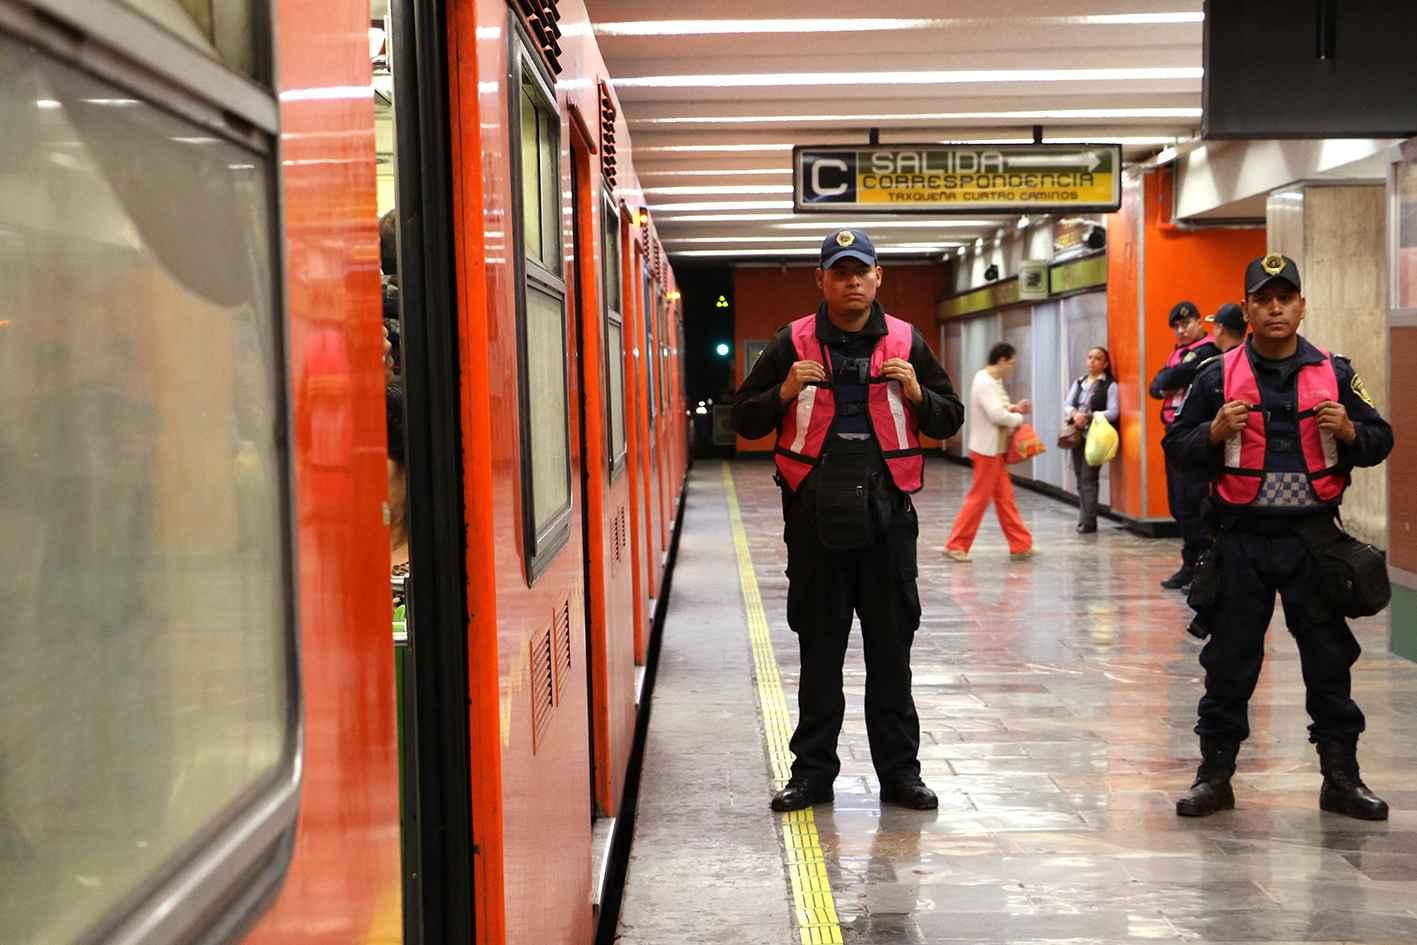 Implementan nuevas medidas para reducir acoso en transporte público